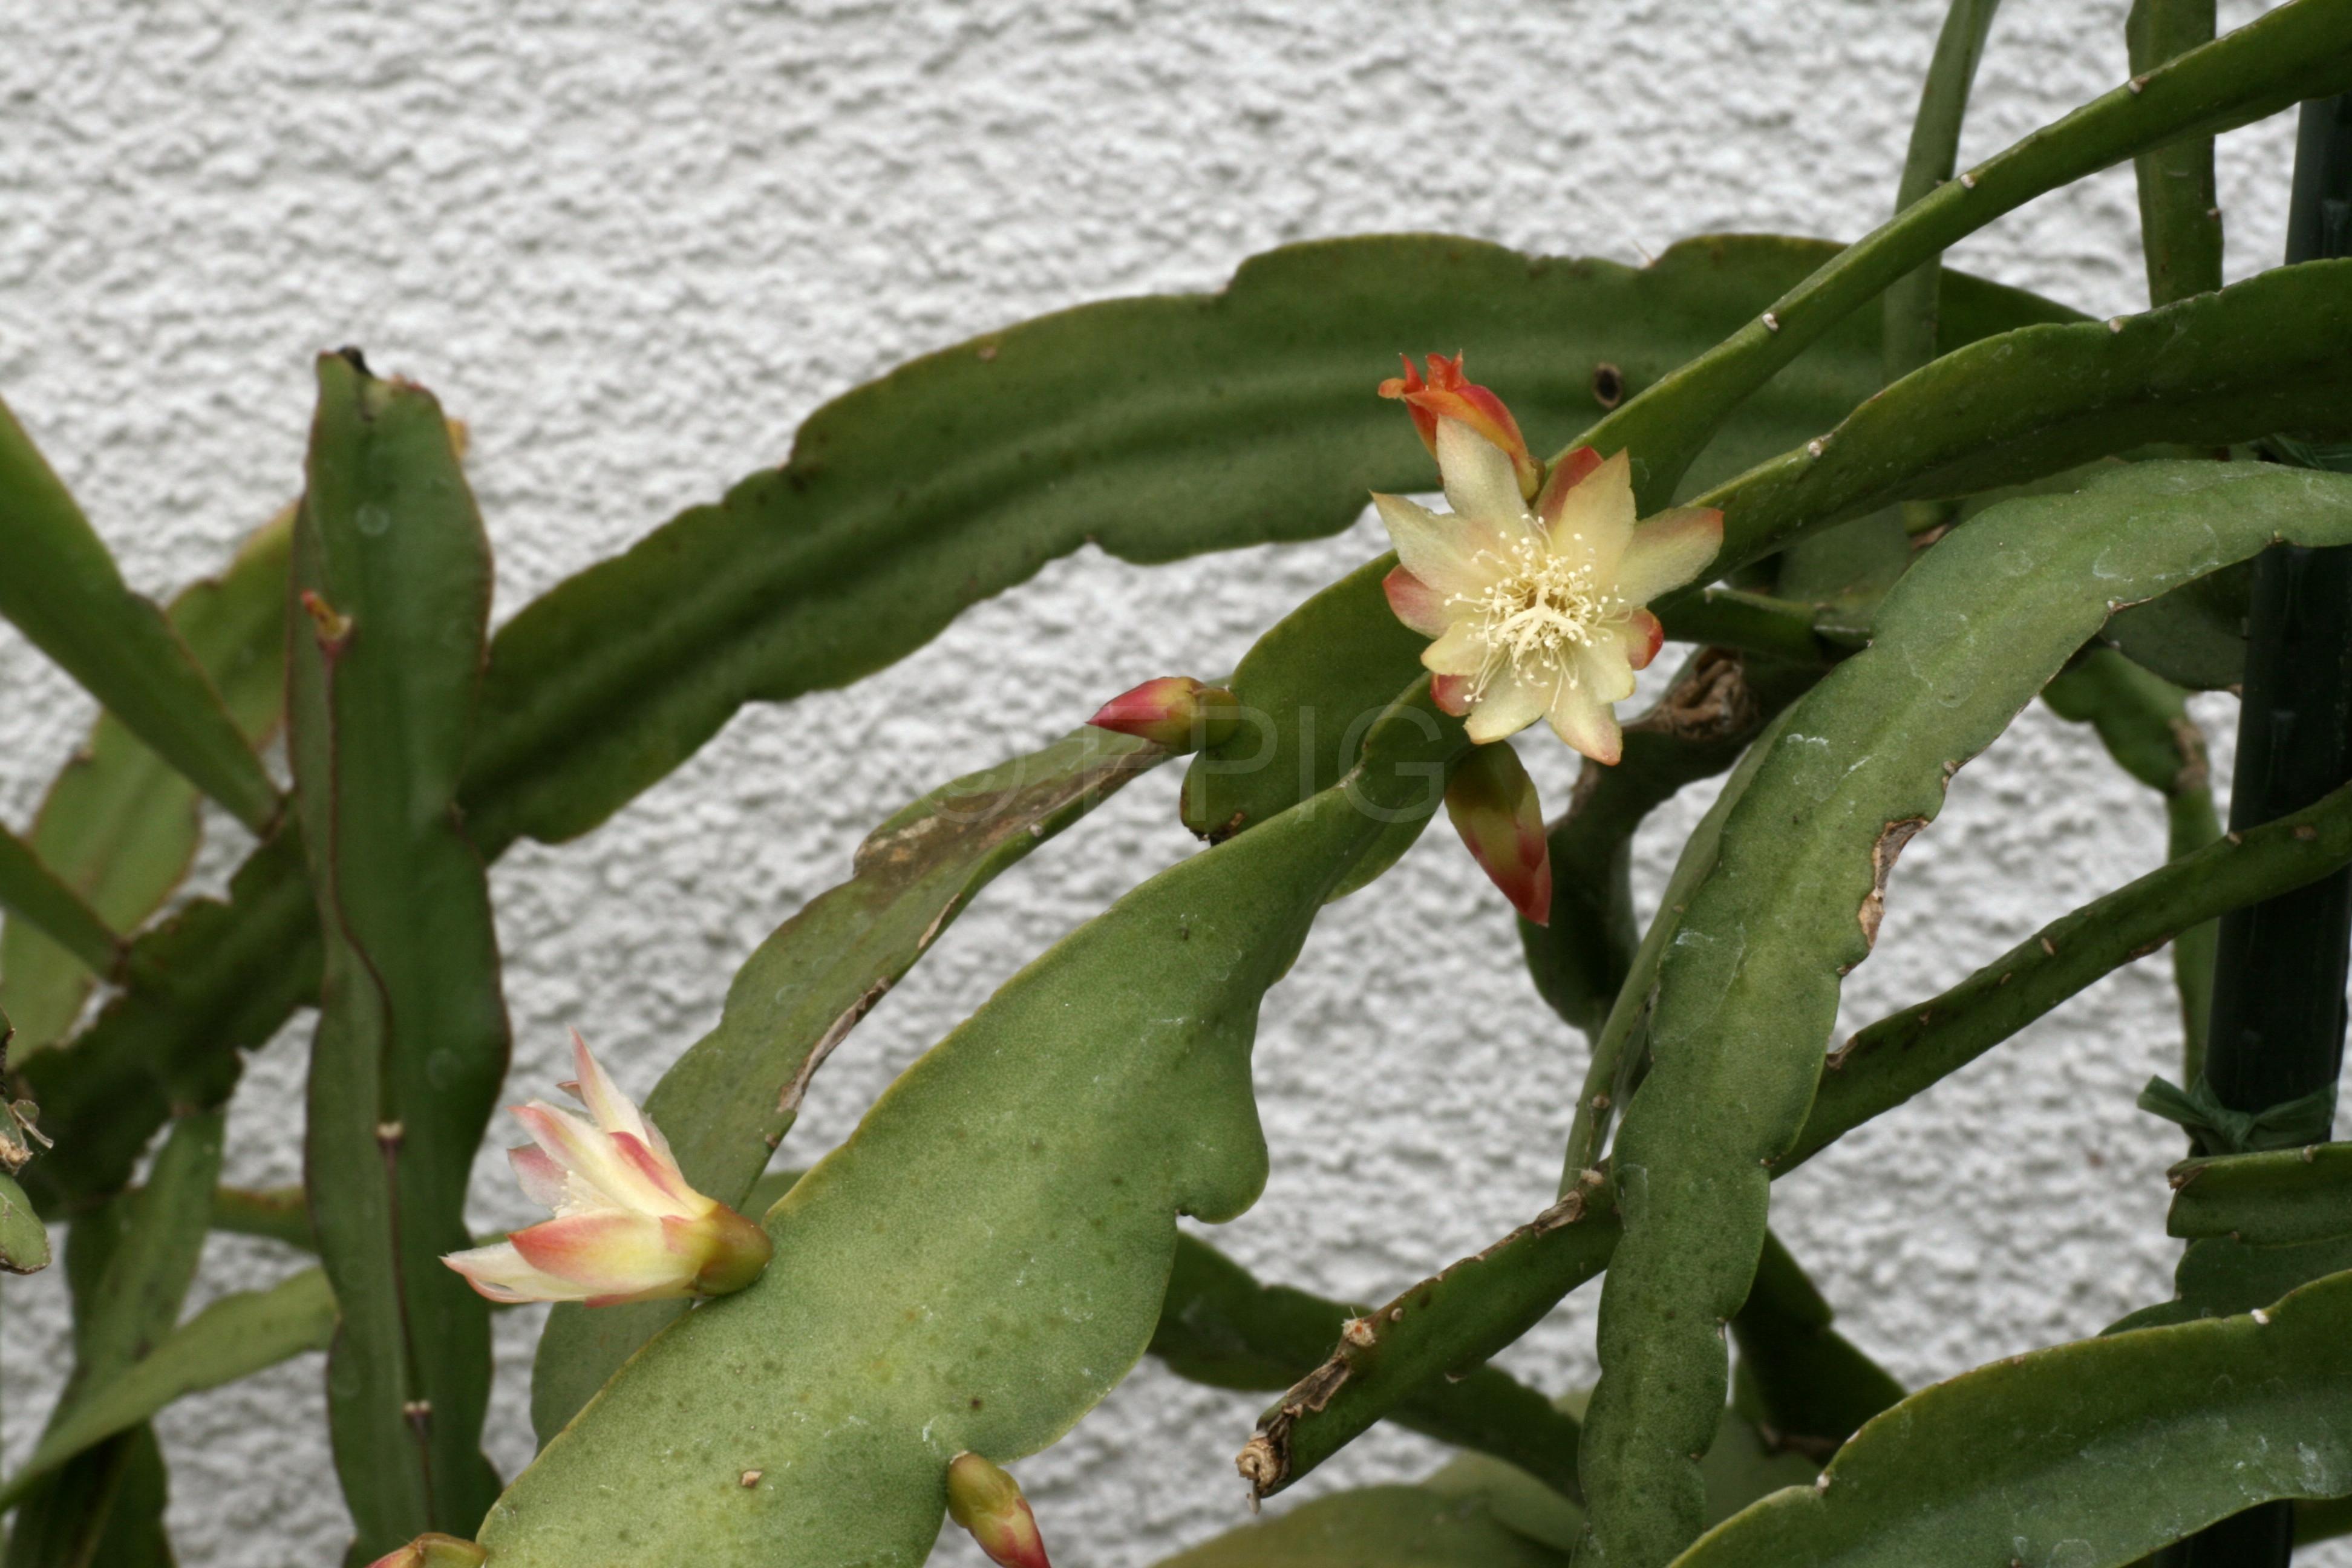 Pfeiffera paranganiensis JB9710 (Foto Jochen Bockemühl)